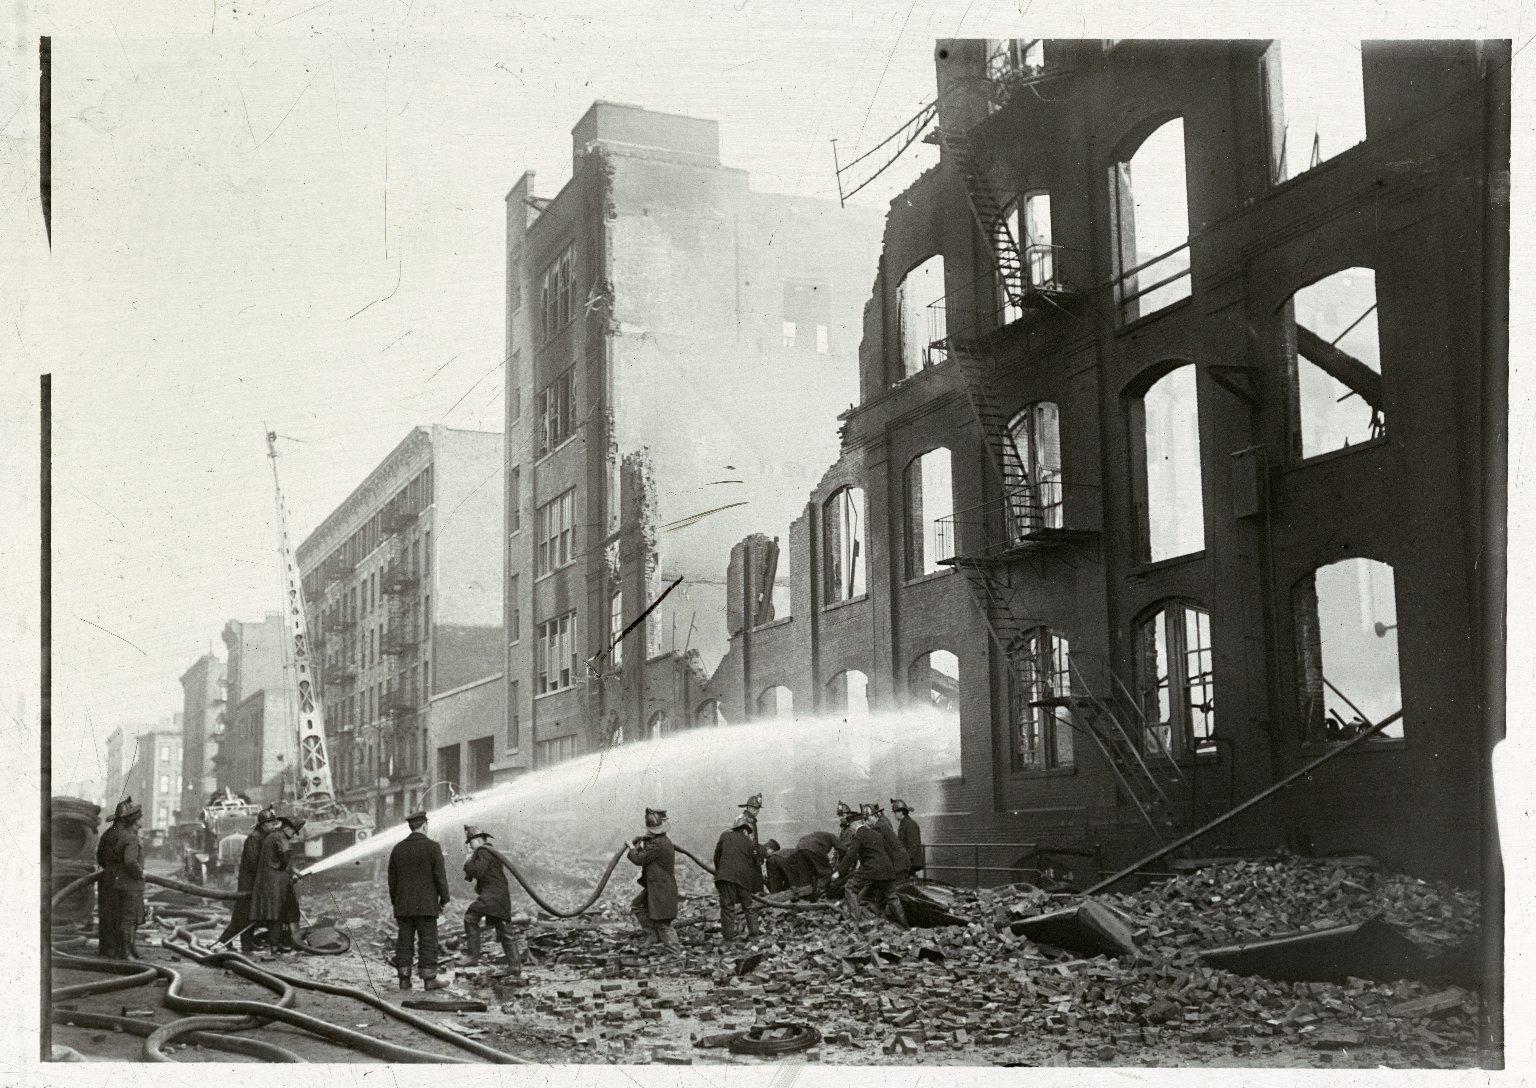 Пролив разрушенного здания. Нью-Йорк, США. 1930-е